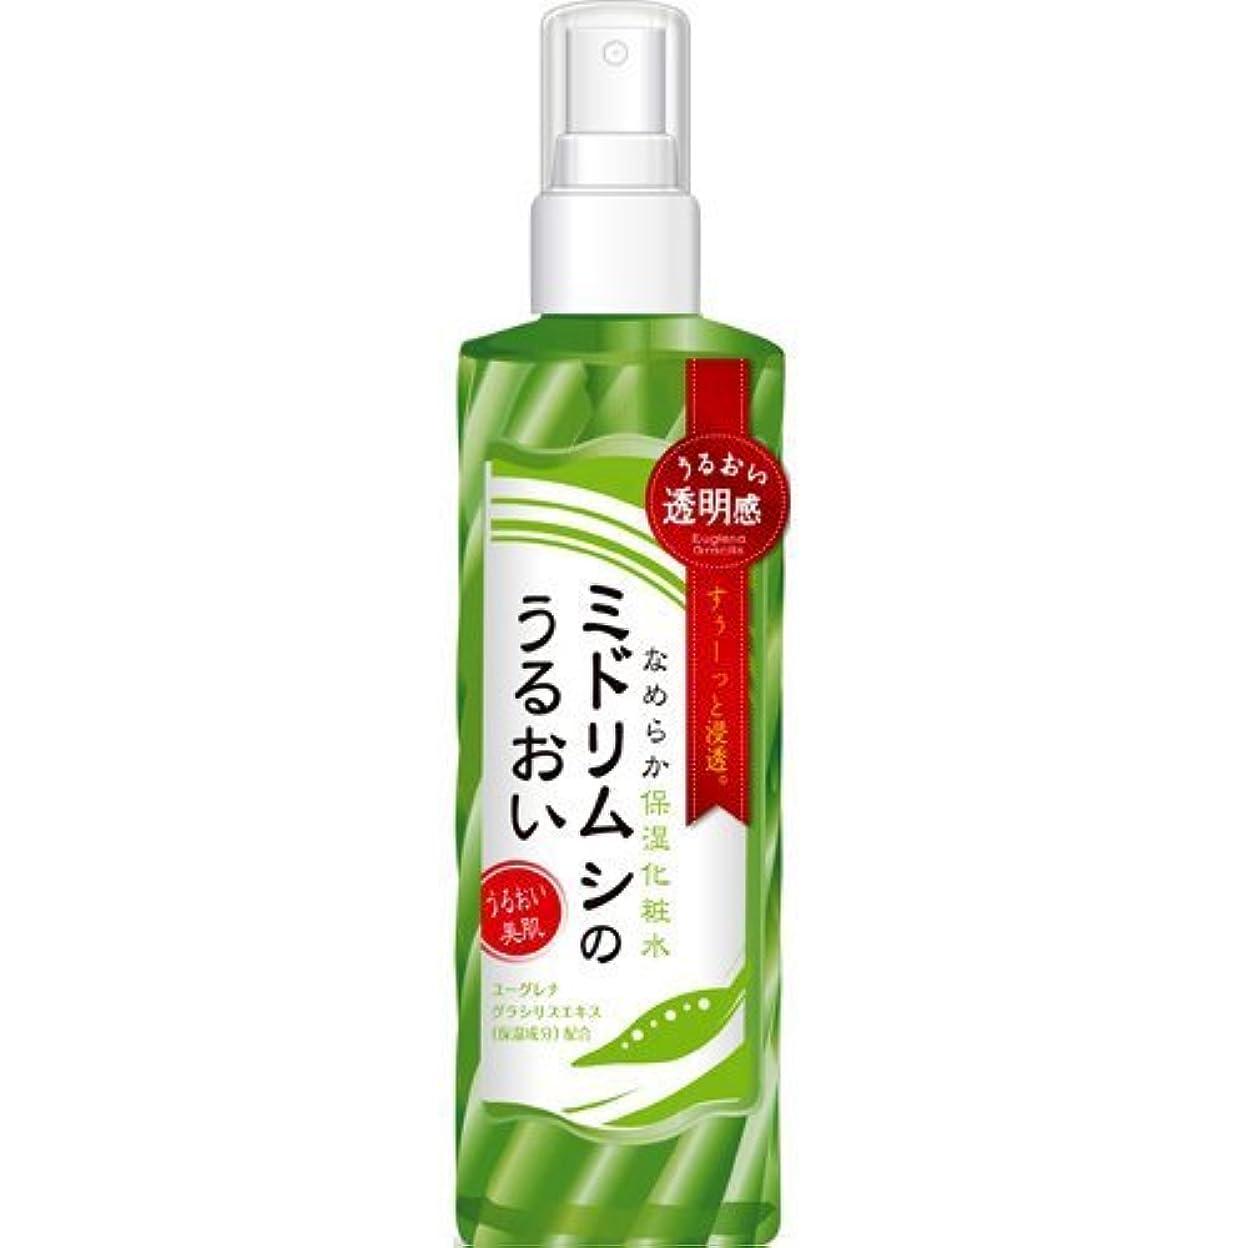 メッシュ電気陽性捨てるミドリムシのうるおい なめらか保湿化粧水 200ml